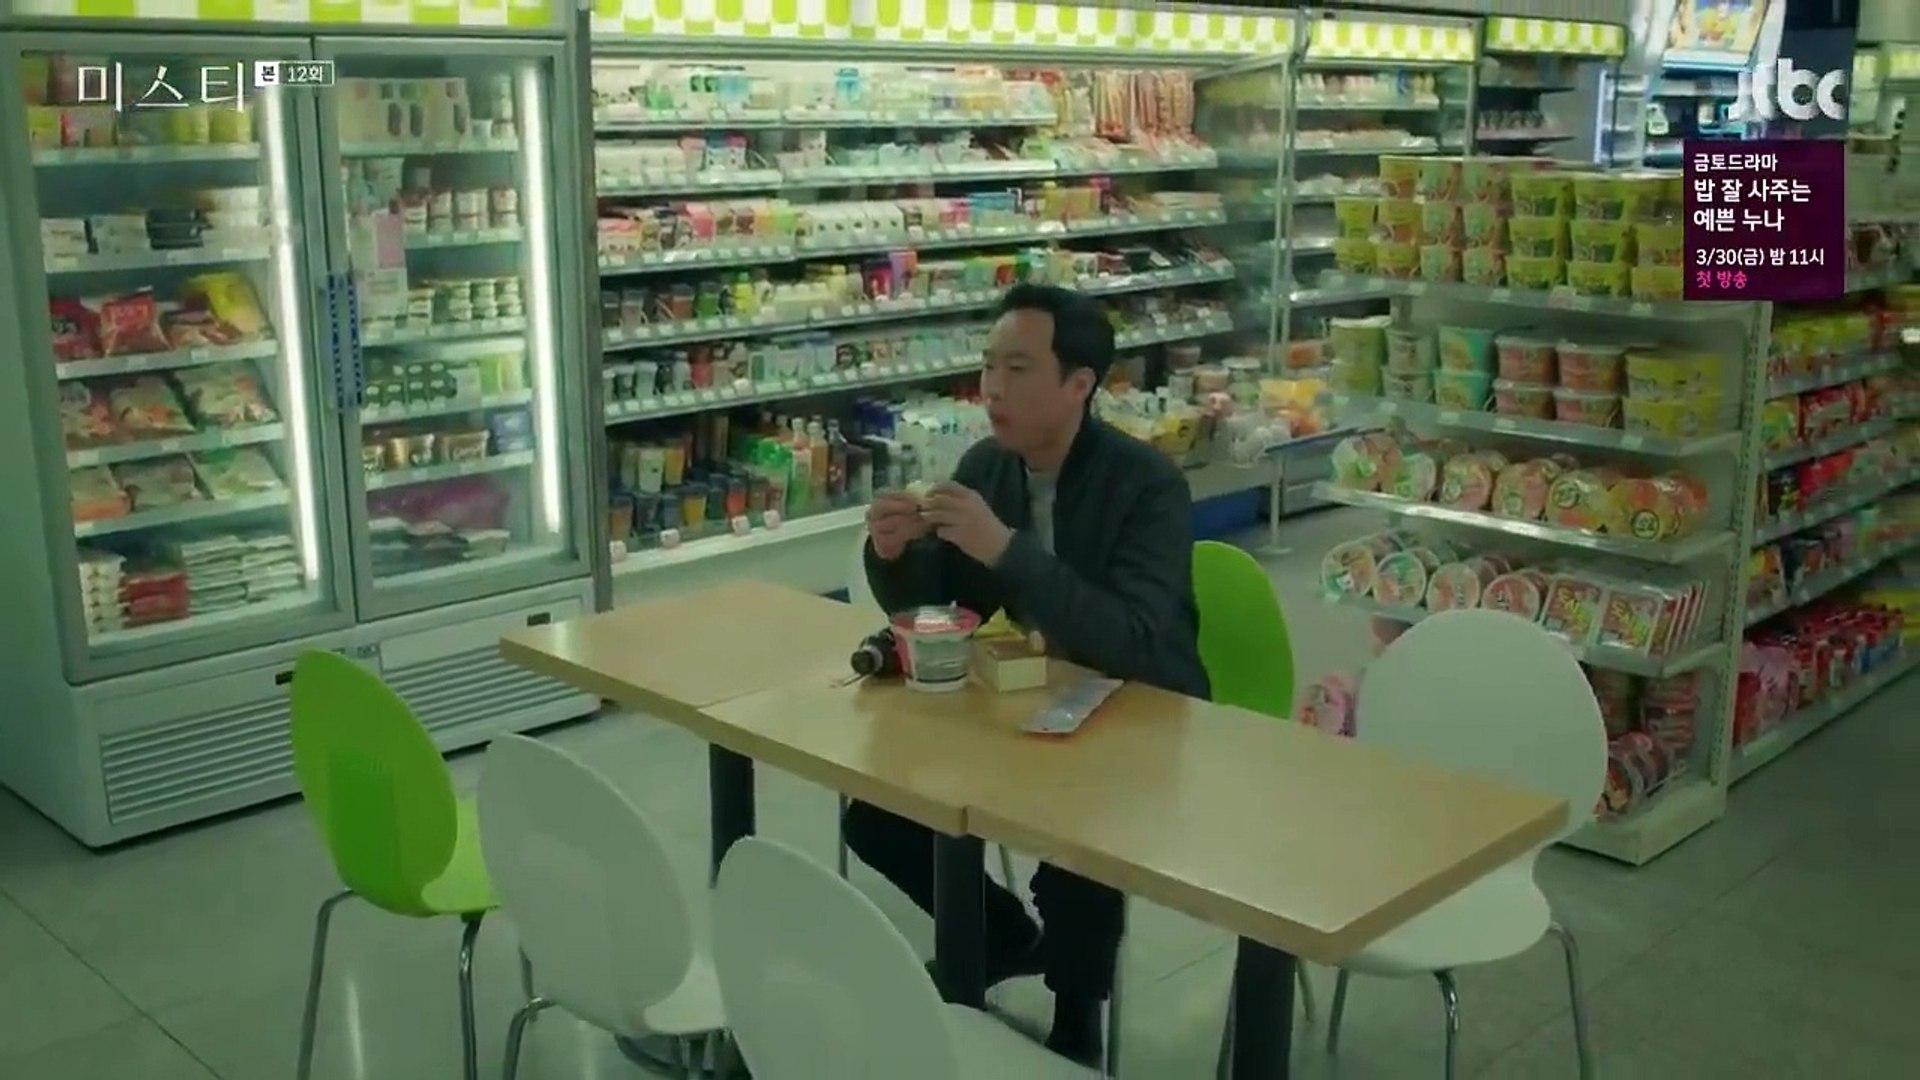 Sát Thủ Trong Sương Tập 18 - Phim Hàn Quốc Thuyết Minh - Phim Sat Thu Trong Suong Tap 18 - Sat Thu T